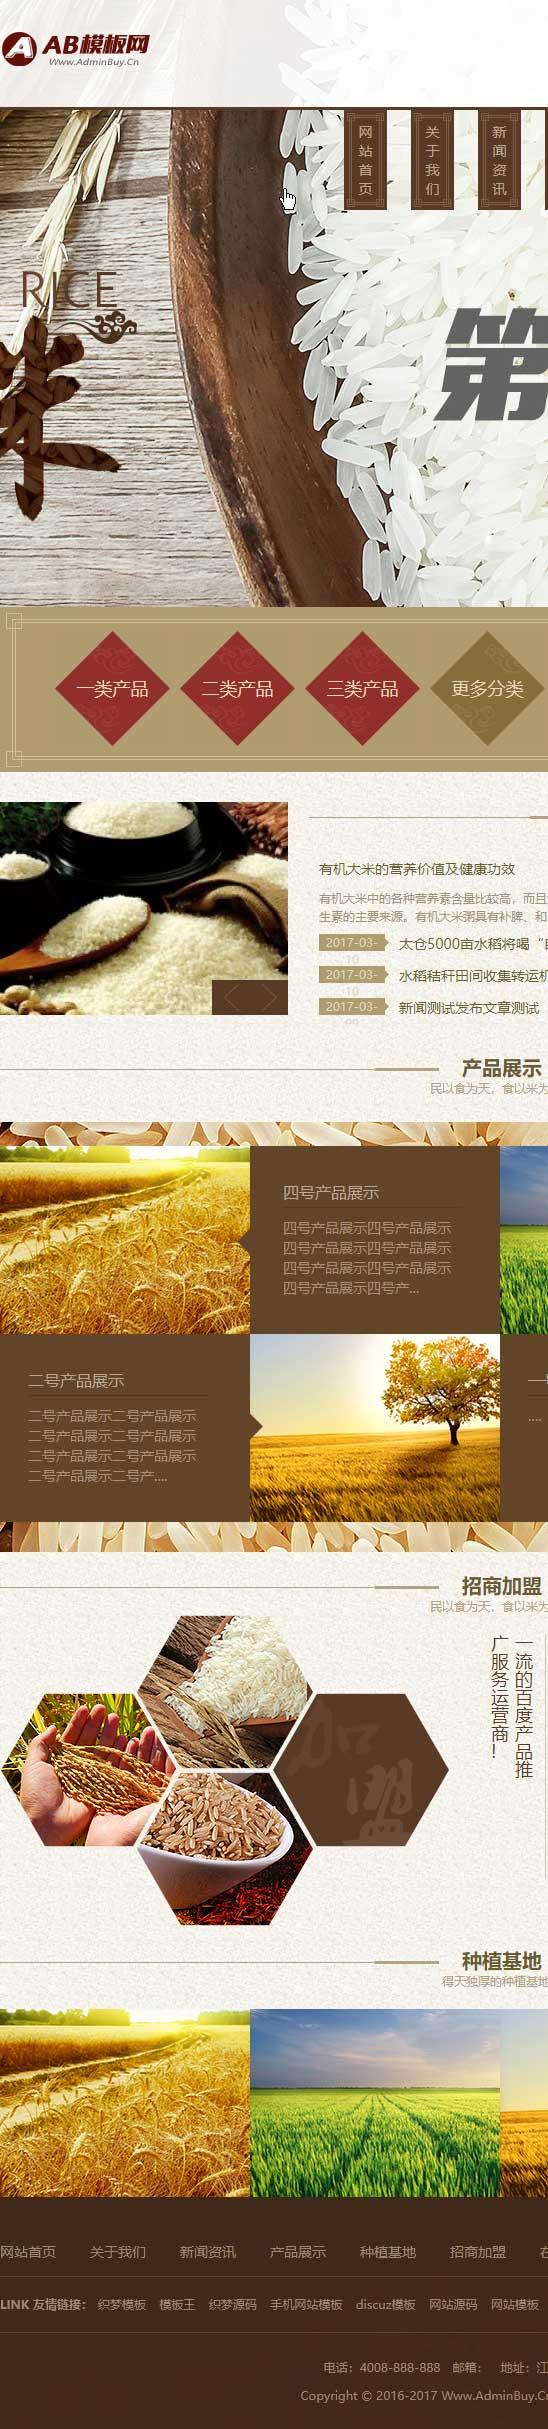 大米谷物粮食公司企业网站织梦dede模板源码插图1